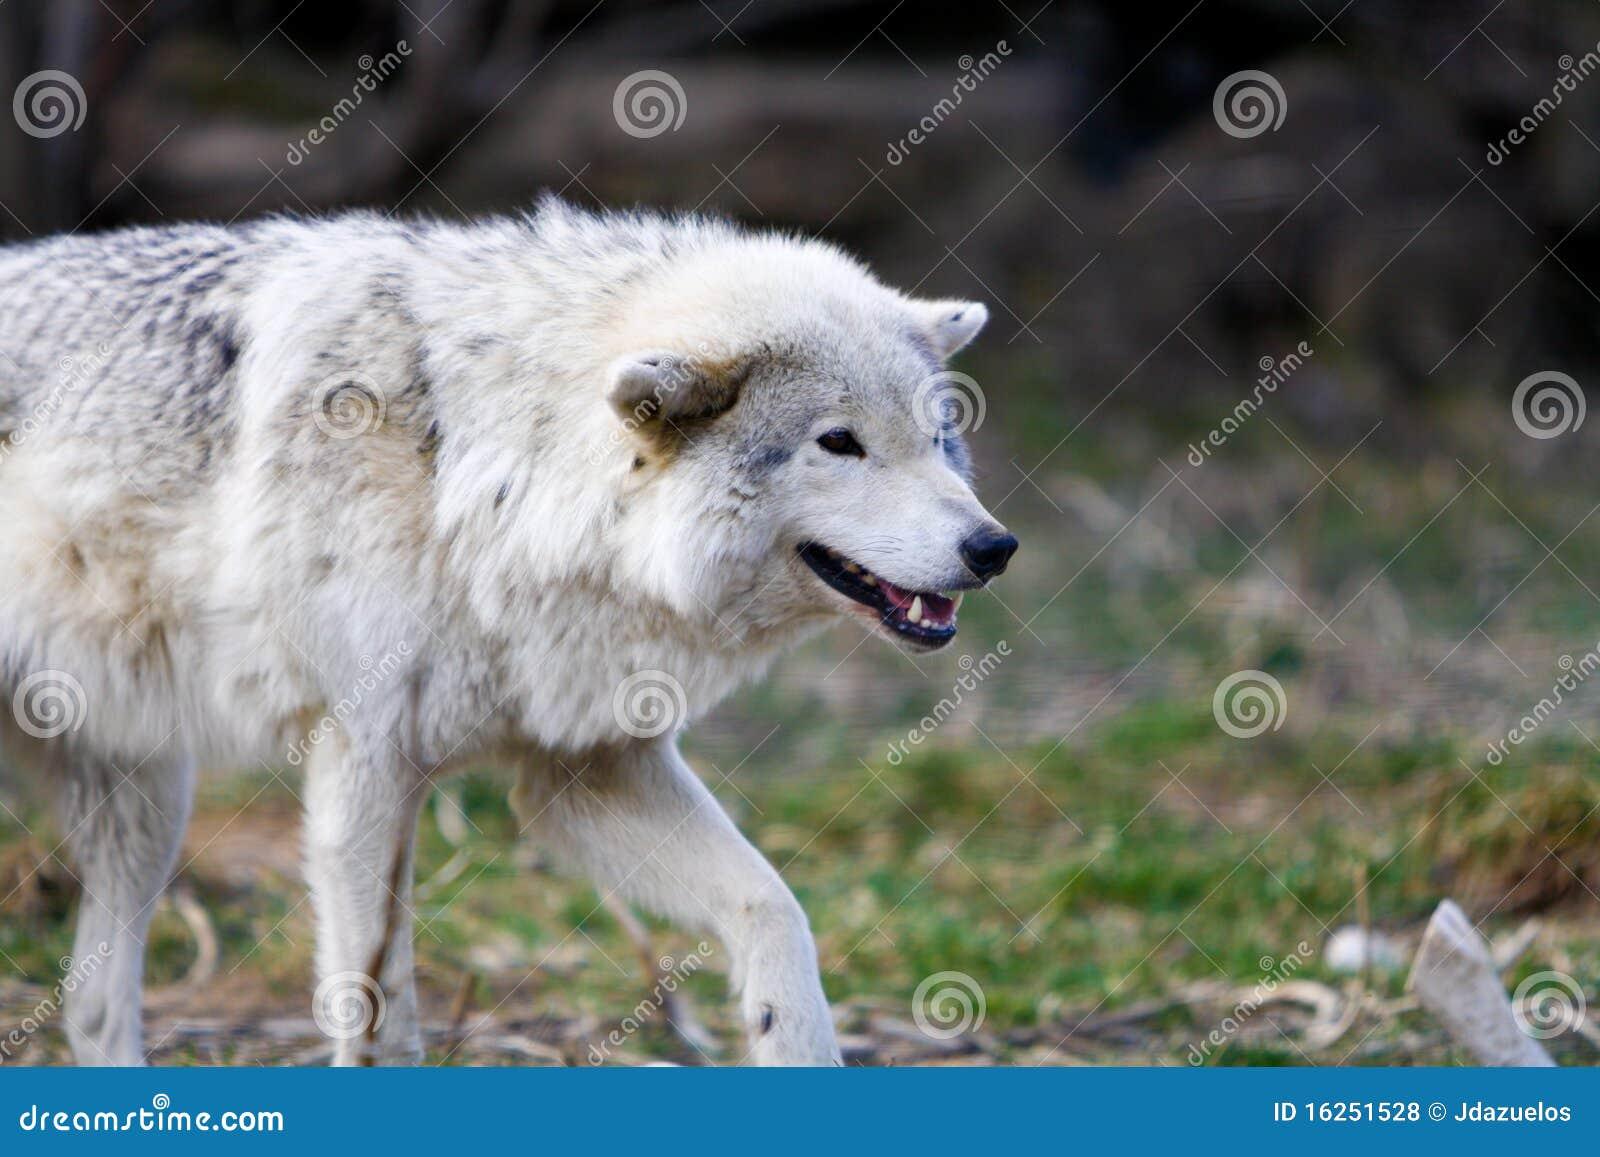 Lo bello de lo salvaje - Página 2 Lobo-salvaje-blanco-que-se-prepara-para-atacar-16251528